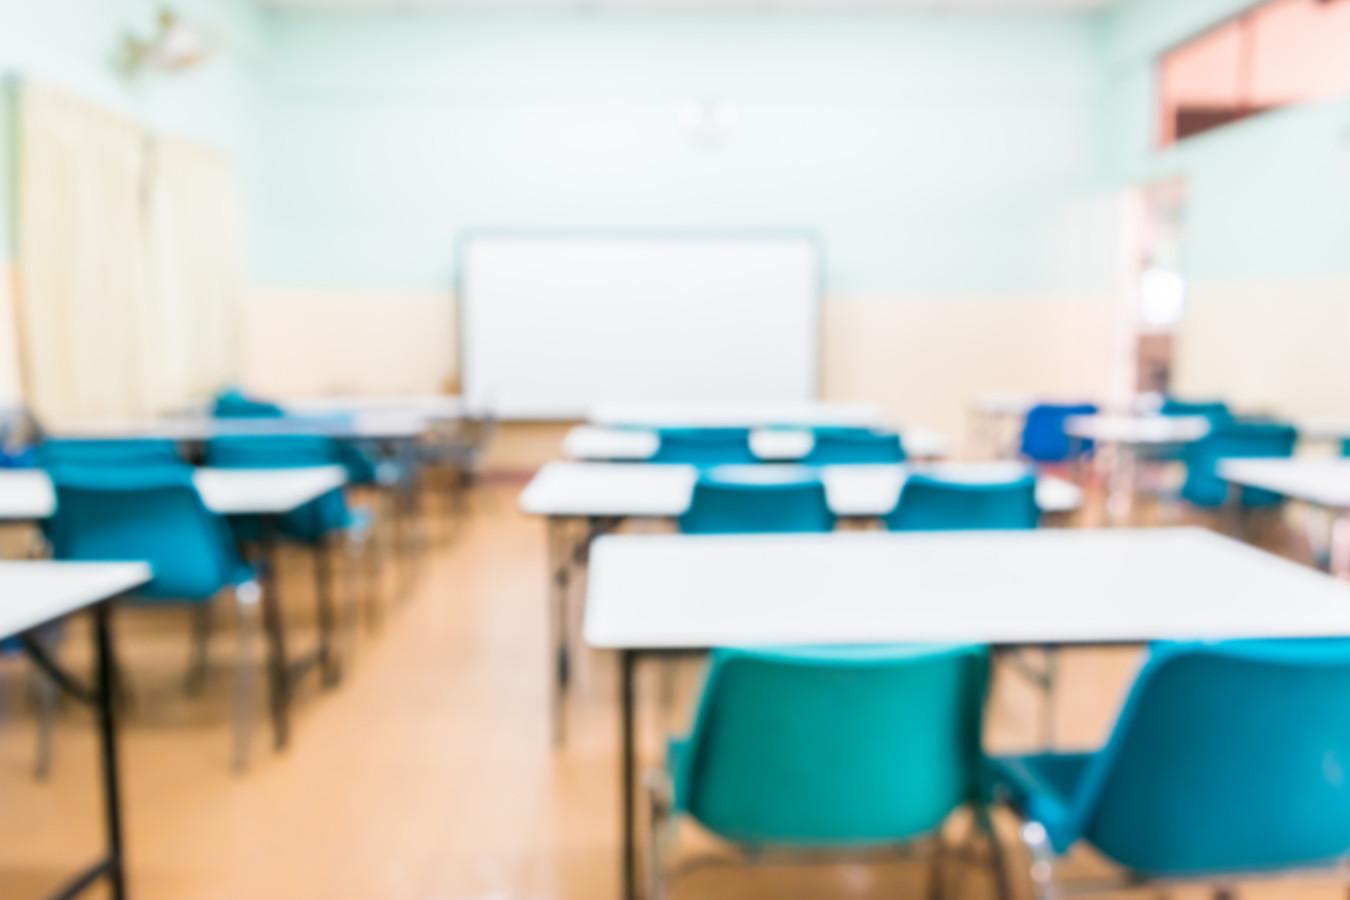 De klaslokalen in de regio zijn sinds 14 december weer leeg. Of ze na 19 januari weer gevuld worden is allesbehalve zeker.